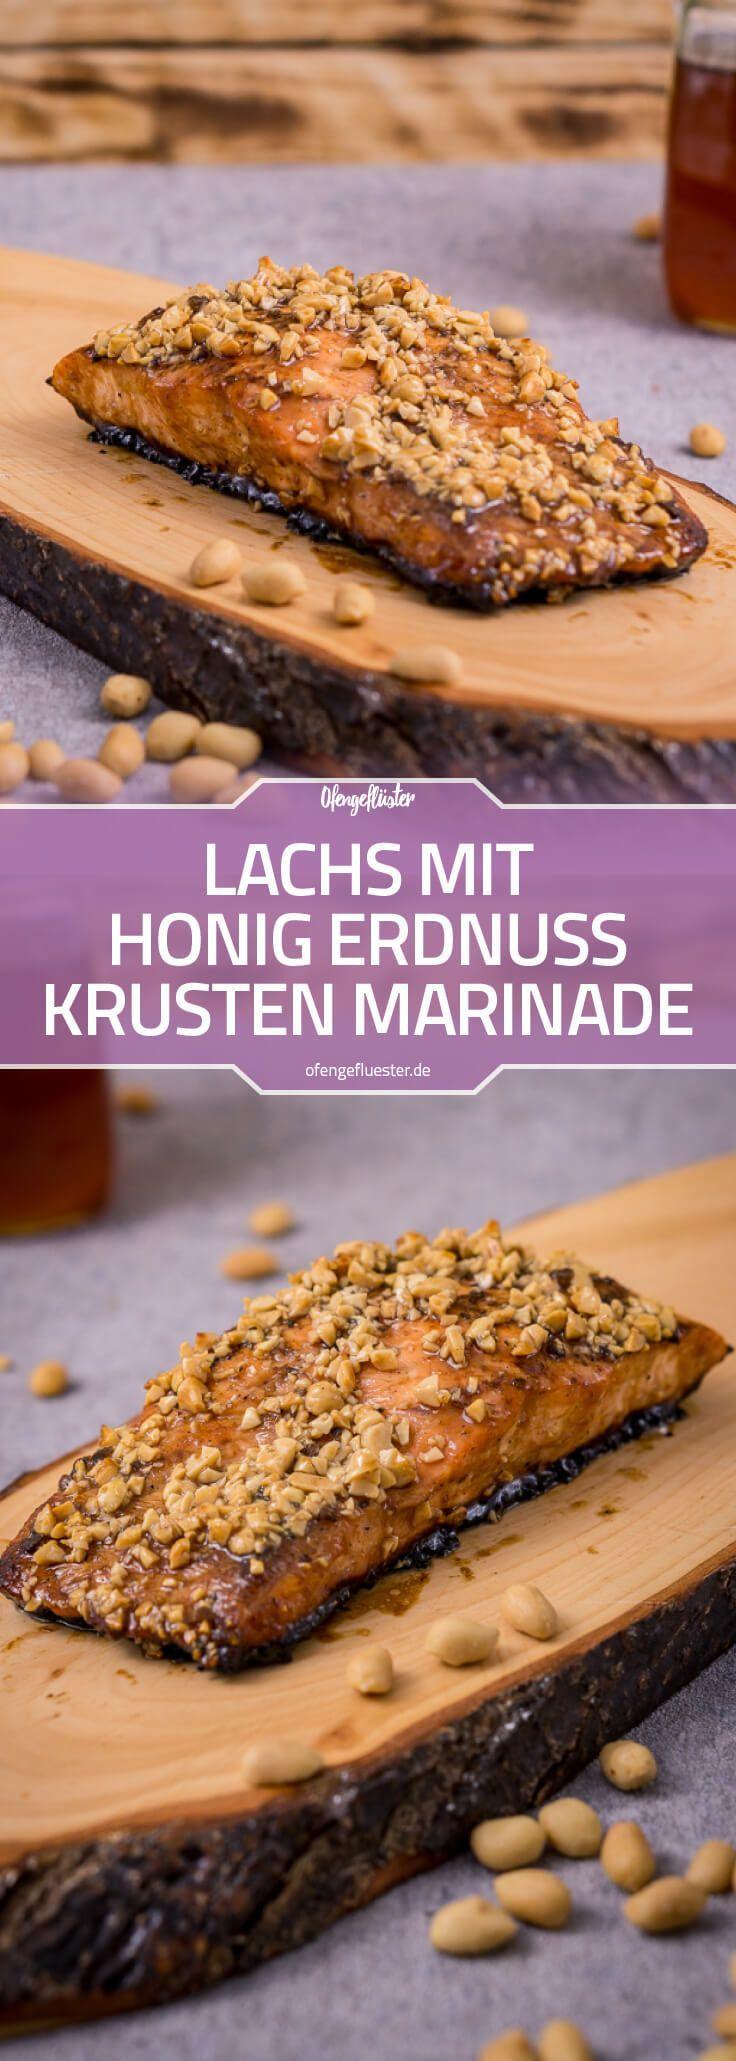 Lachs mit Honig Erdnuss Krusten Marinade vom Grill Rezept › Ofengeflüster